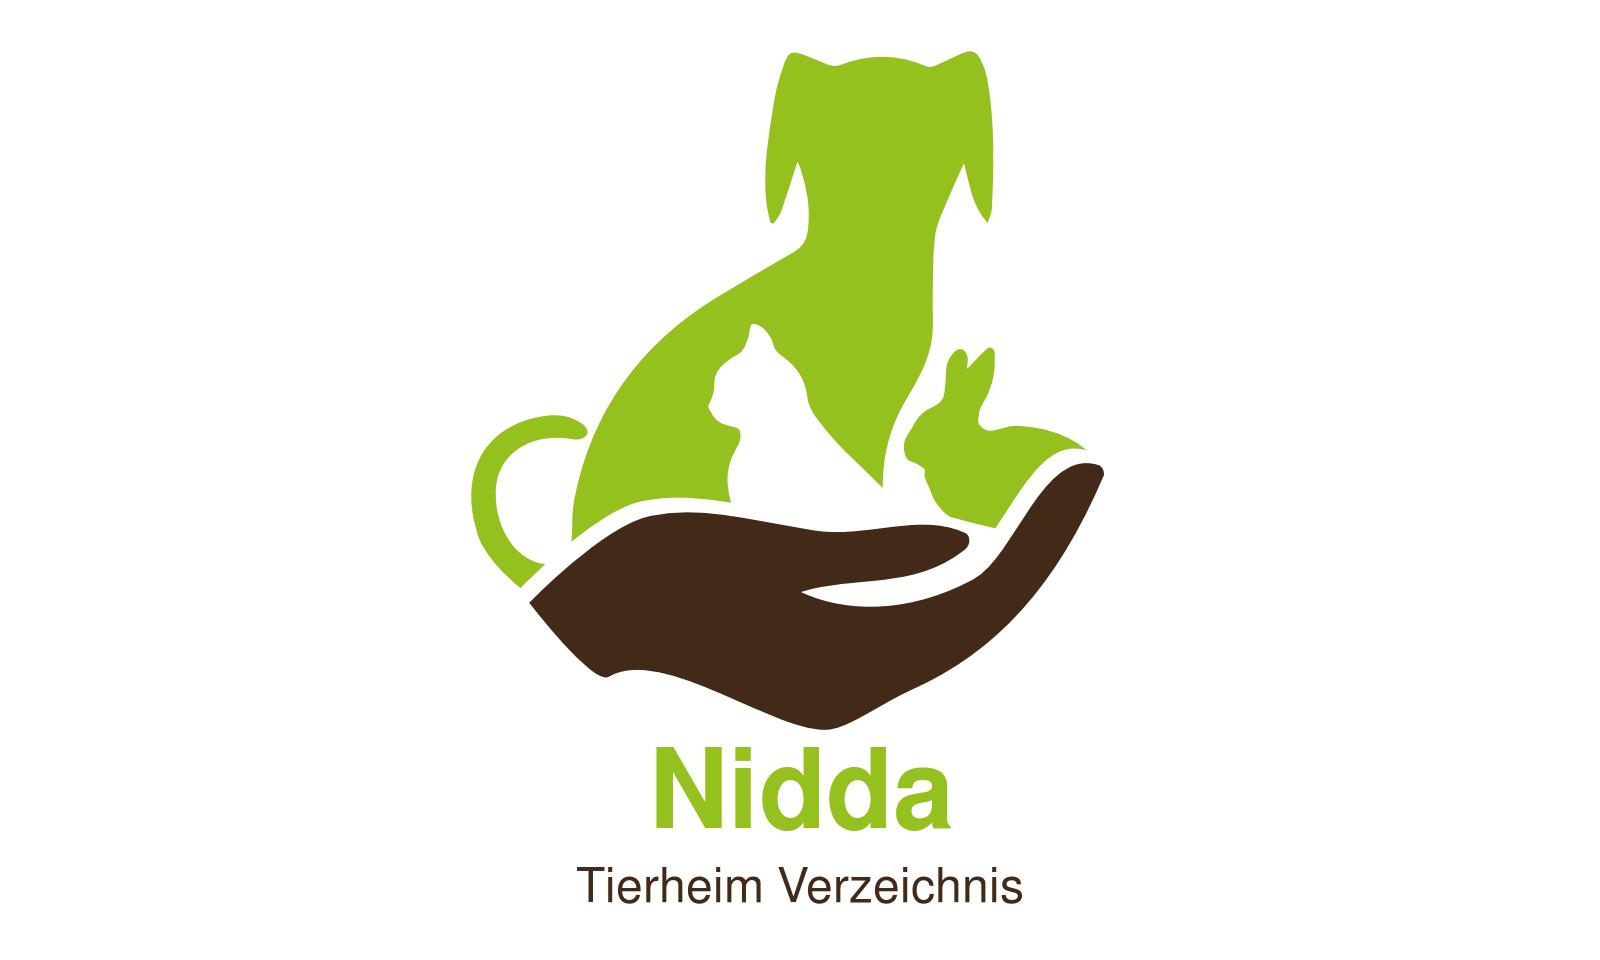 Tierheim Nidda